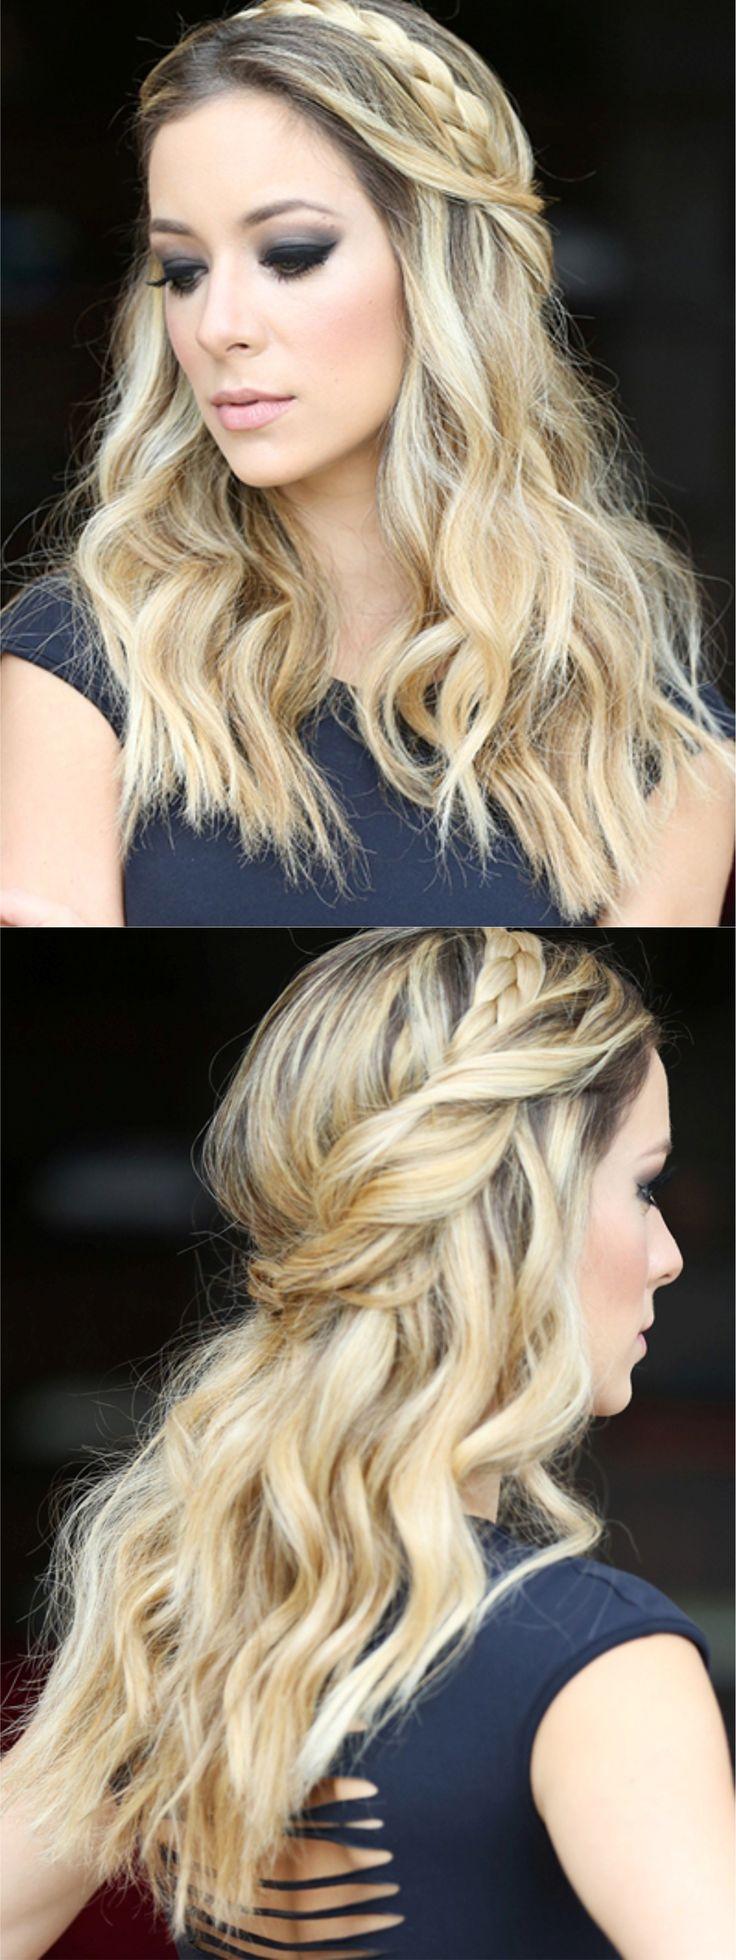 Cabelo modelado com babyliss e com traça usada como tiara #waves #braid #hair #updo